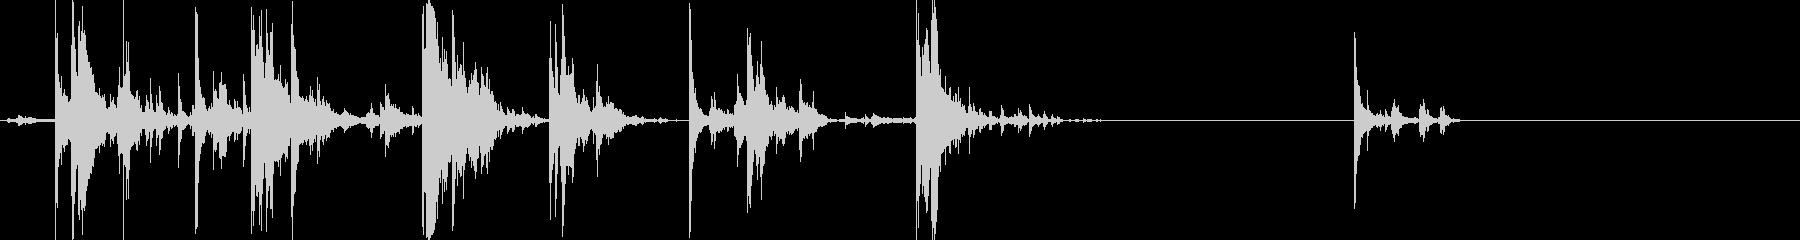 ドサドサリン(数十枚のコインが落ち行く)の未再生の波形